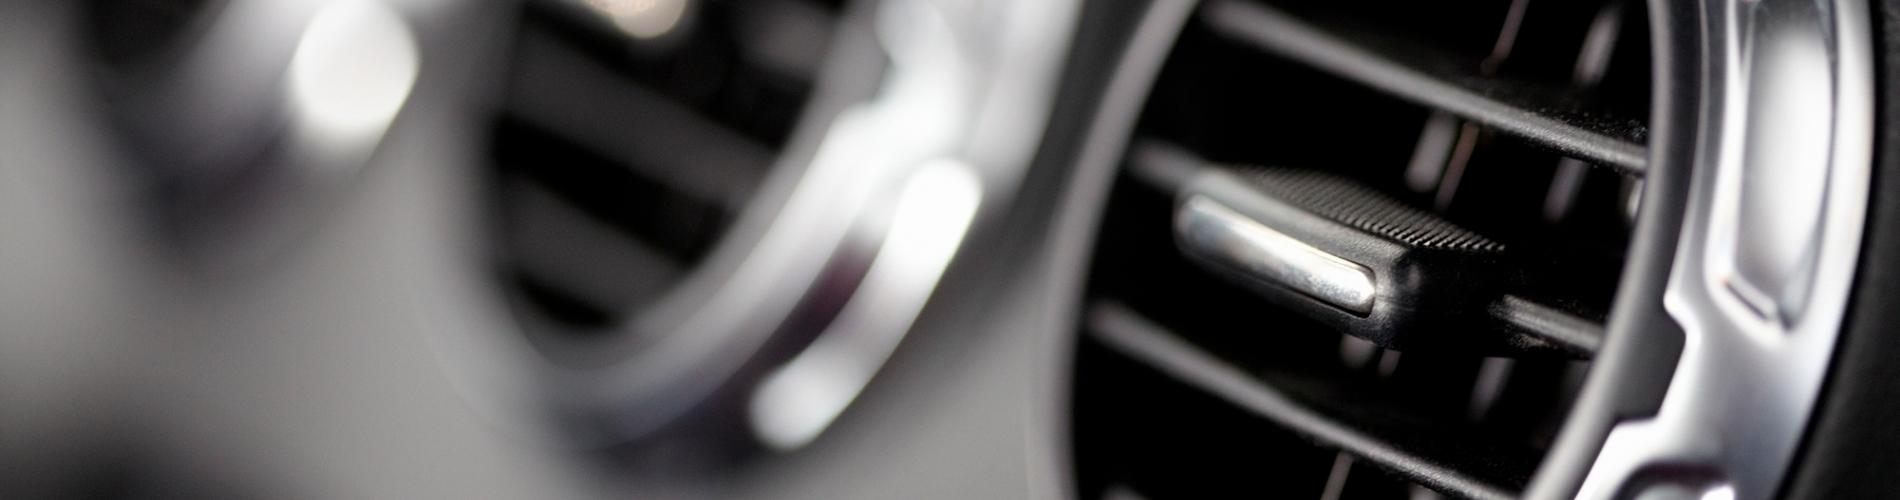 dezynfekcja pojazdow